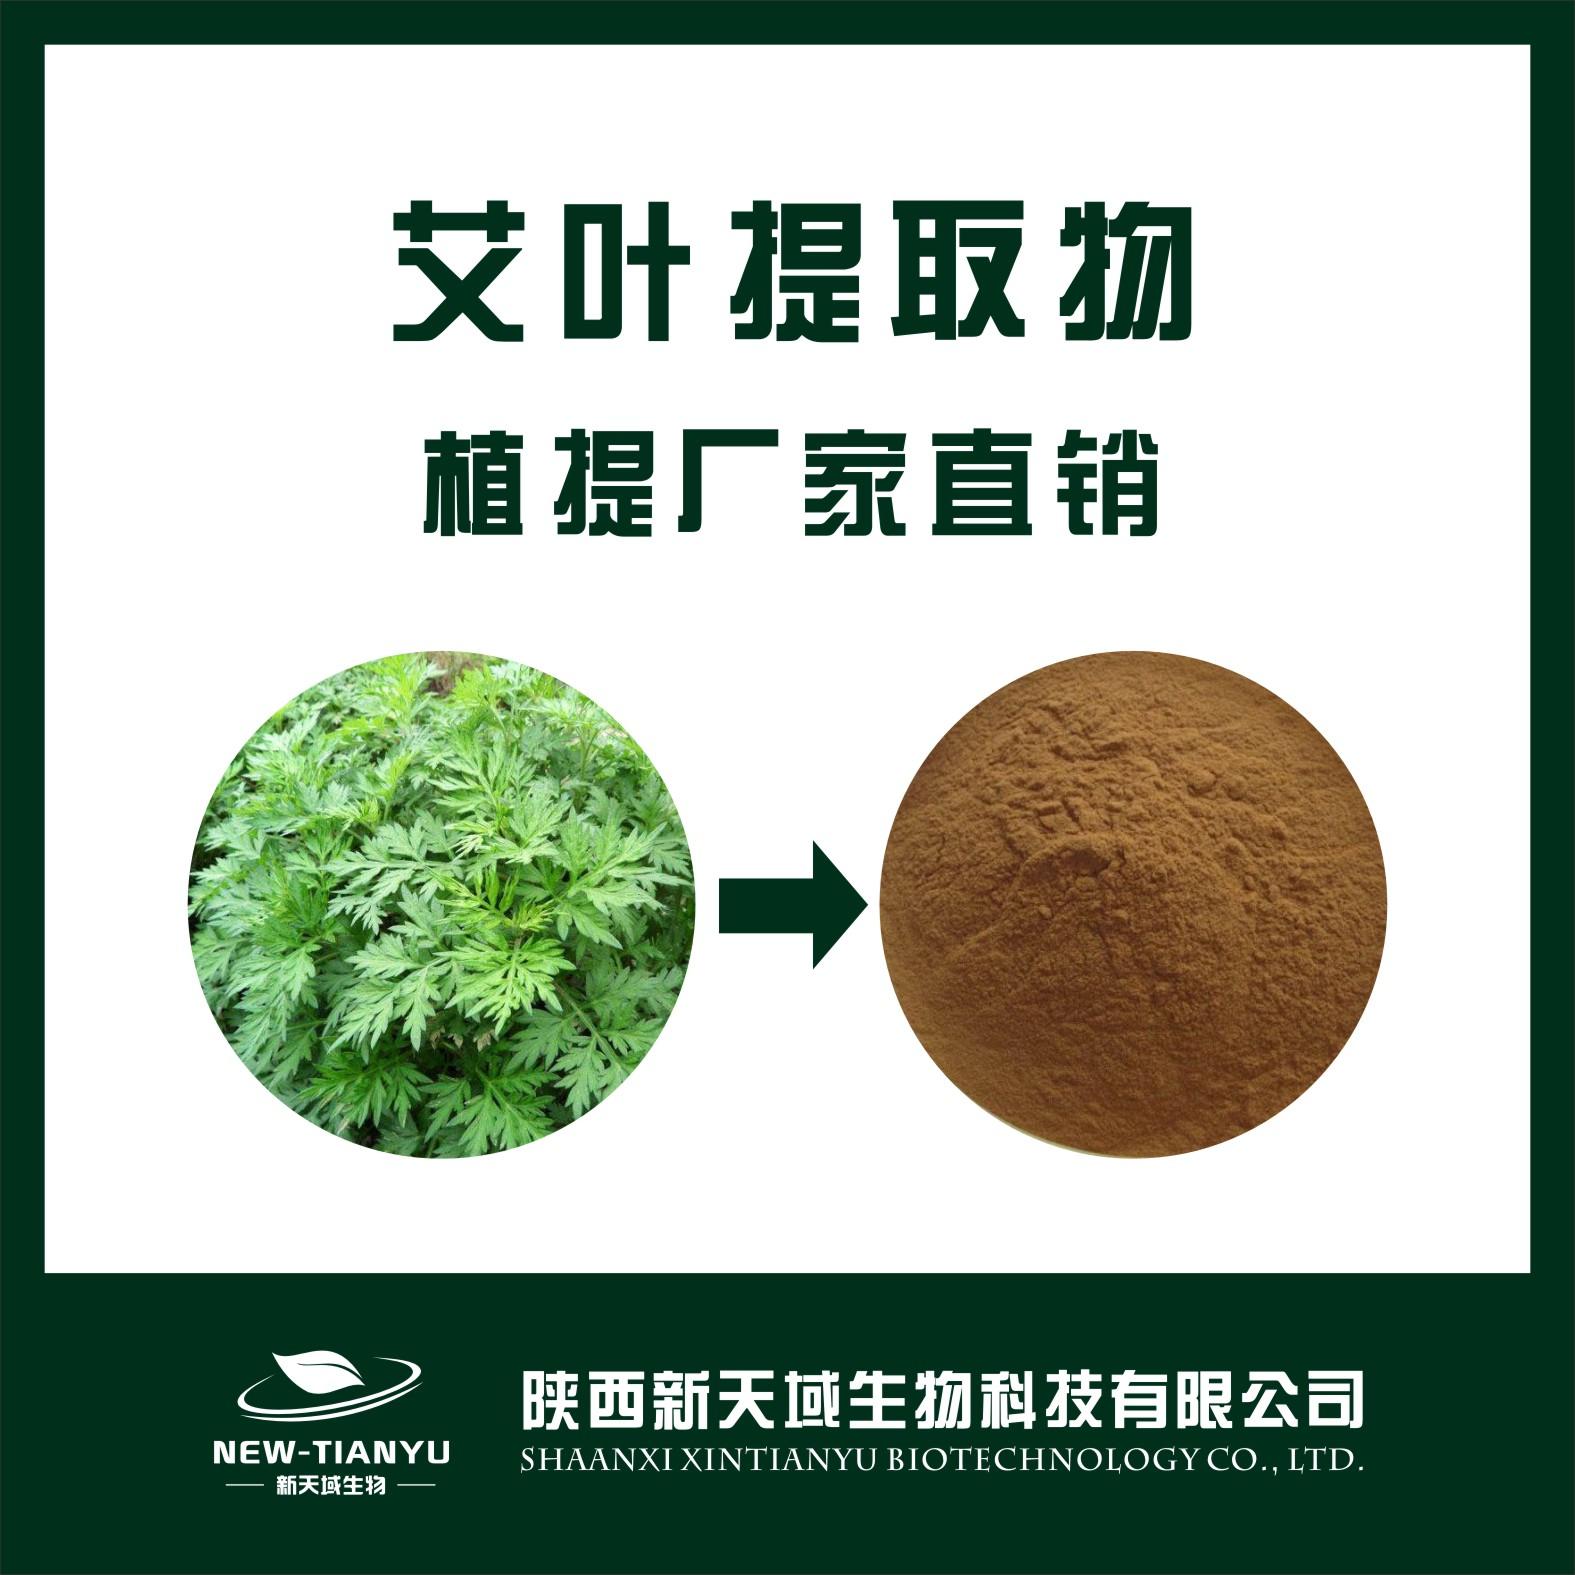 厂家现货供应艾叶提取物10:1 艾叶粉 植物提取物 现货包邮